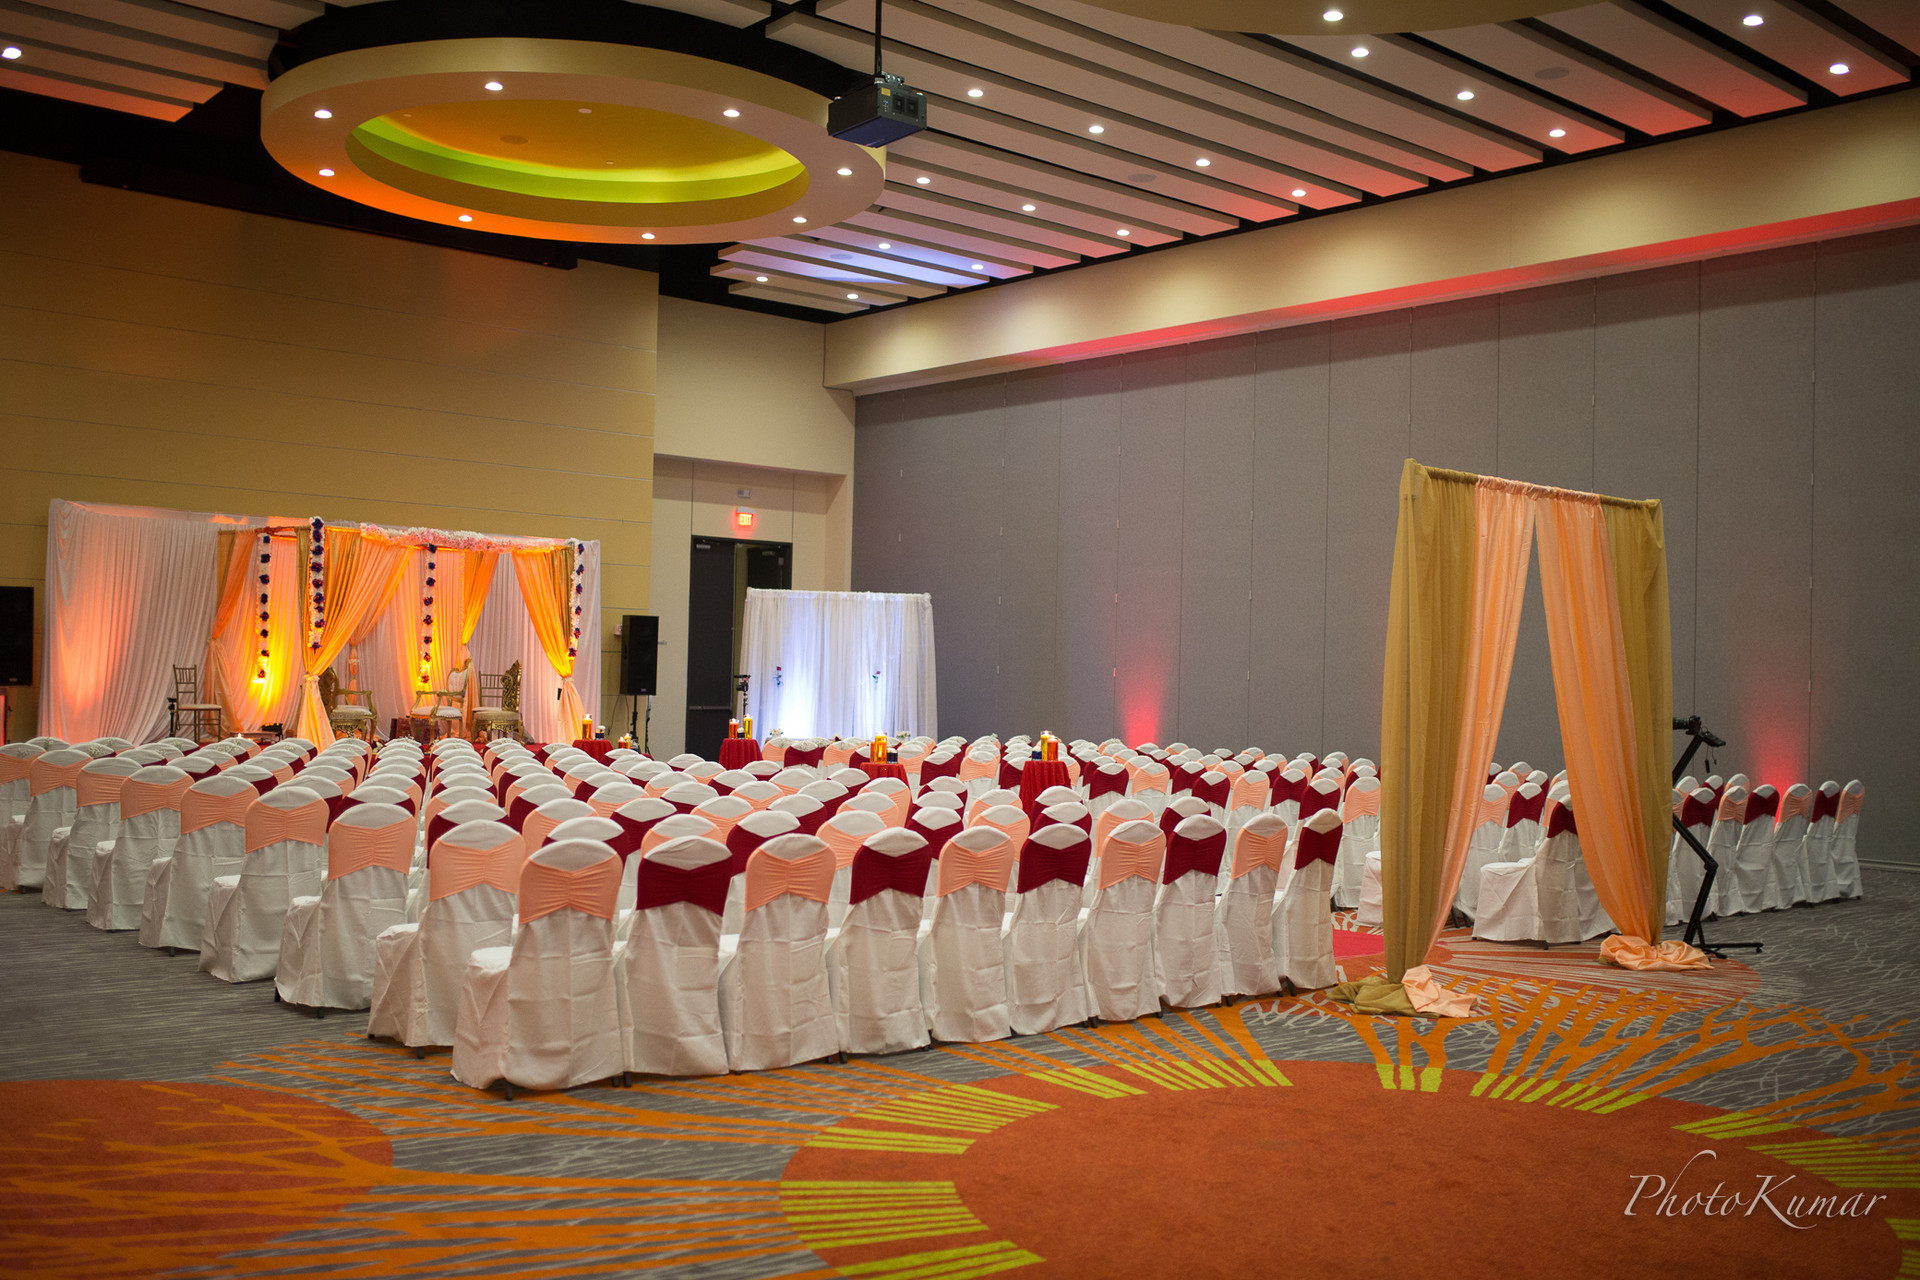 PhotoKumar-Nilam-wedding-dallas-texas-2018-11.jpg